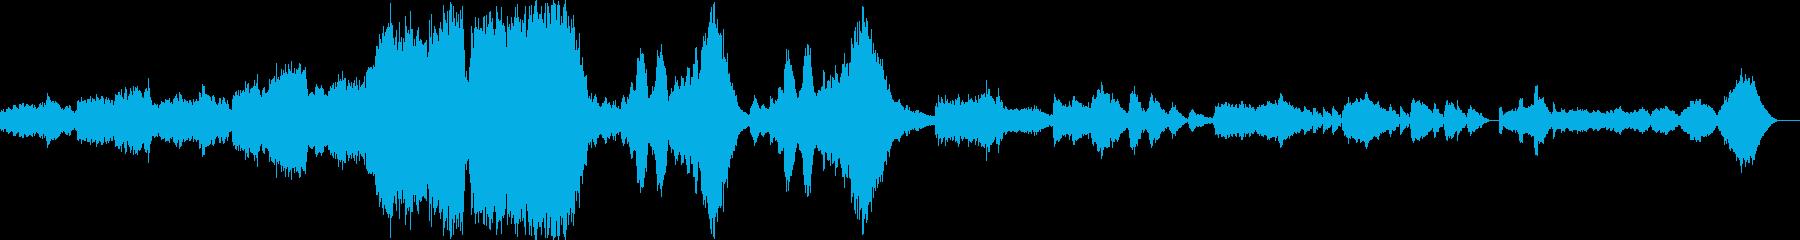 朝の気分(ペールギュントより)/グリーグの再生済みの波形